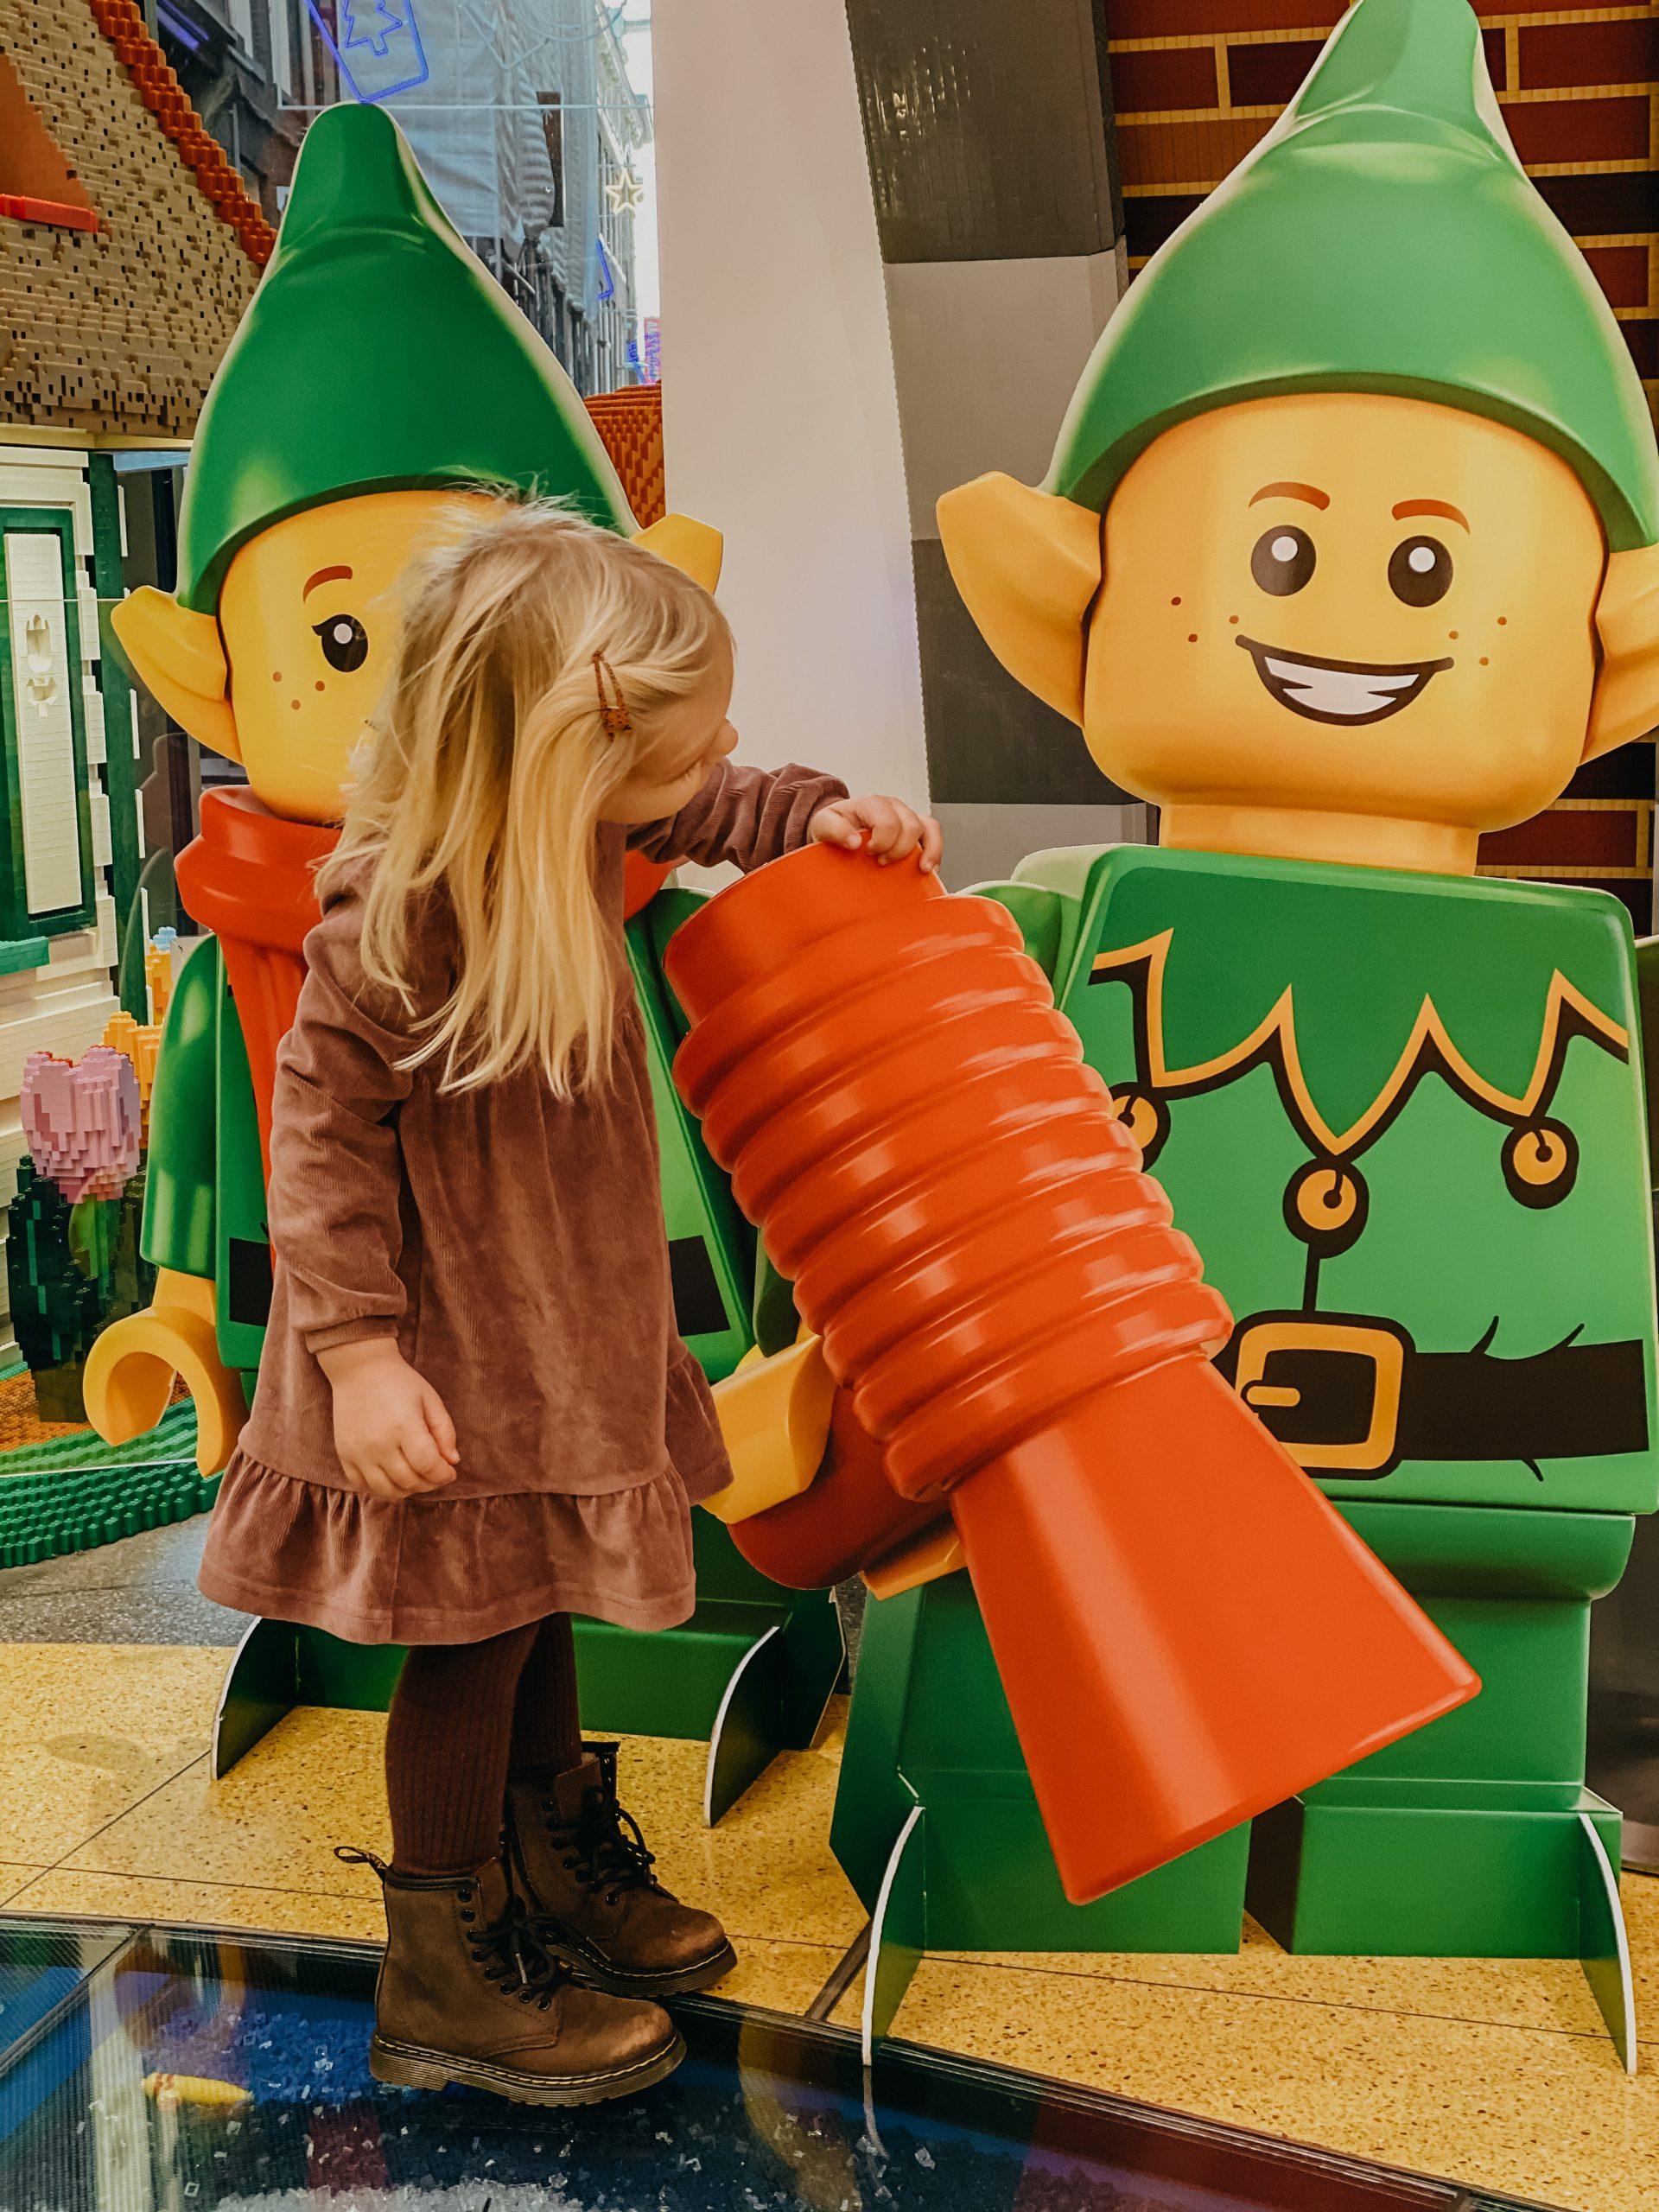 LEGO winkel Amsterdam kerst shoppen kerstvakantie dagje uit gezin